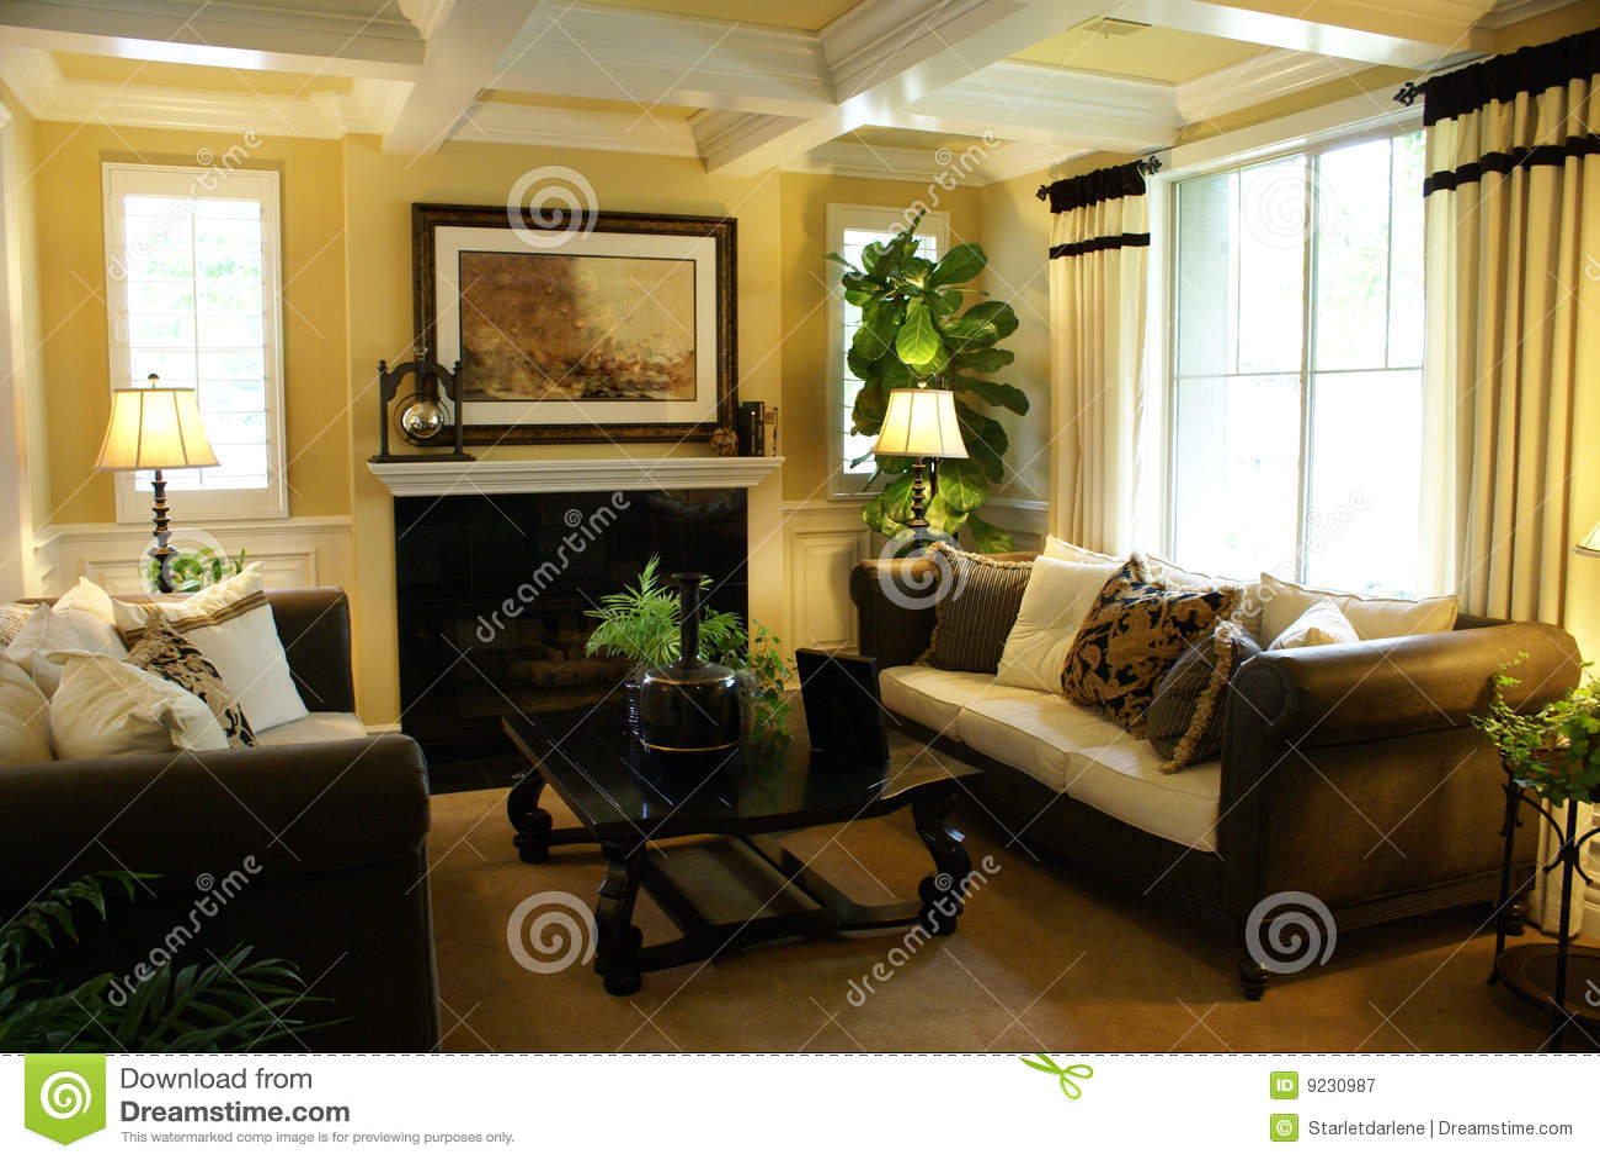 Schönes gelbes wohnzimmer mit weißen lichtstrahlen auf der decke und